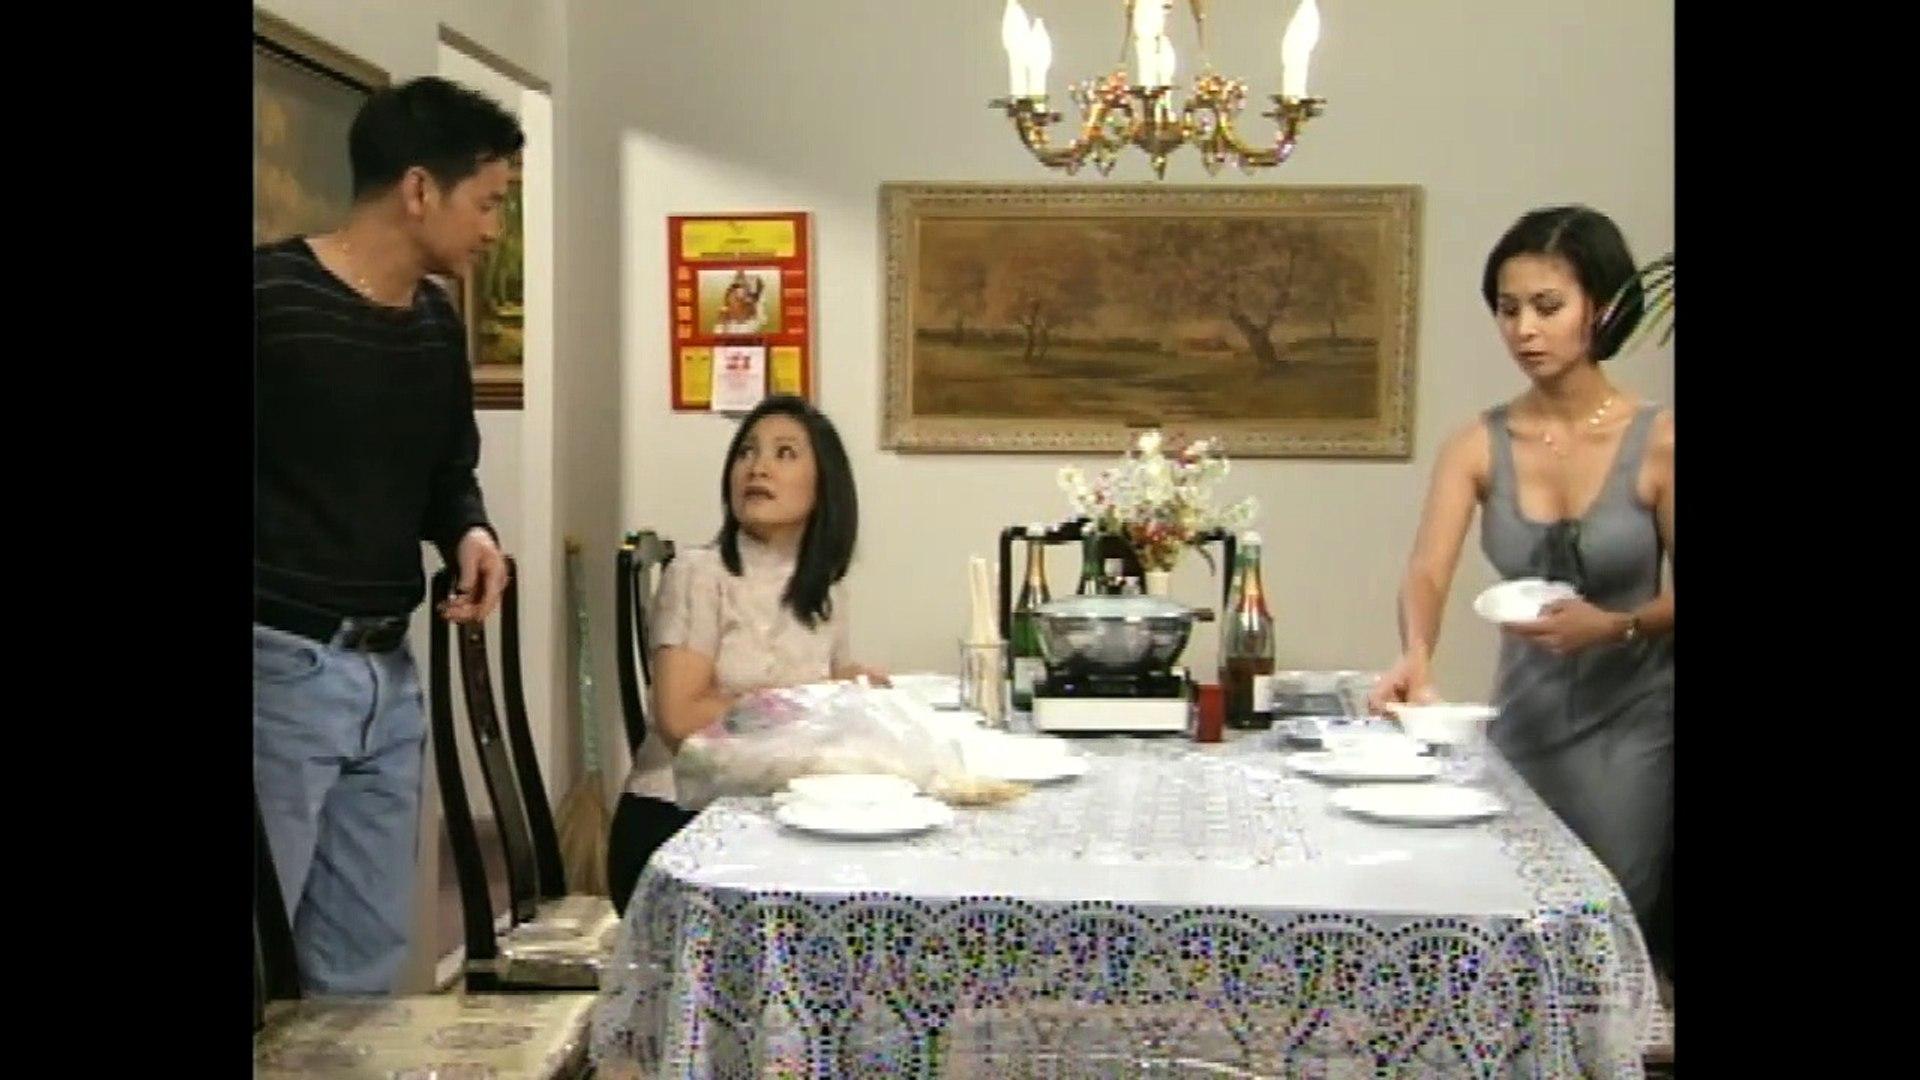 Video - Hài kịch LỘT MẶT NẠ (Vân Sơn - Bảo Liêm - Quang Minh - Hồng Đào - Uyên Chi)